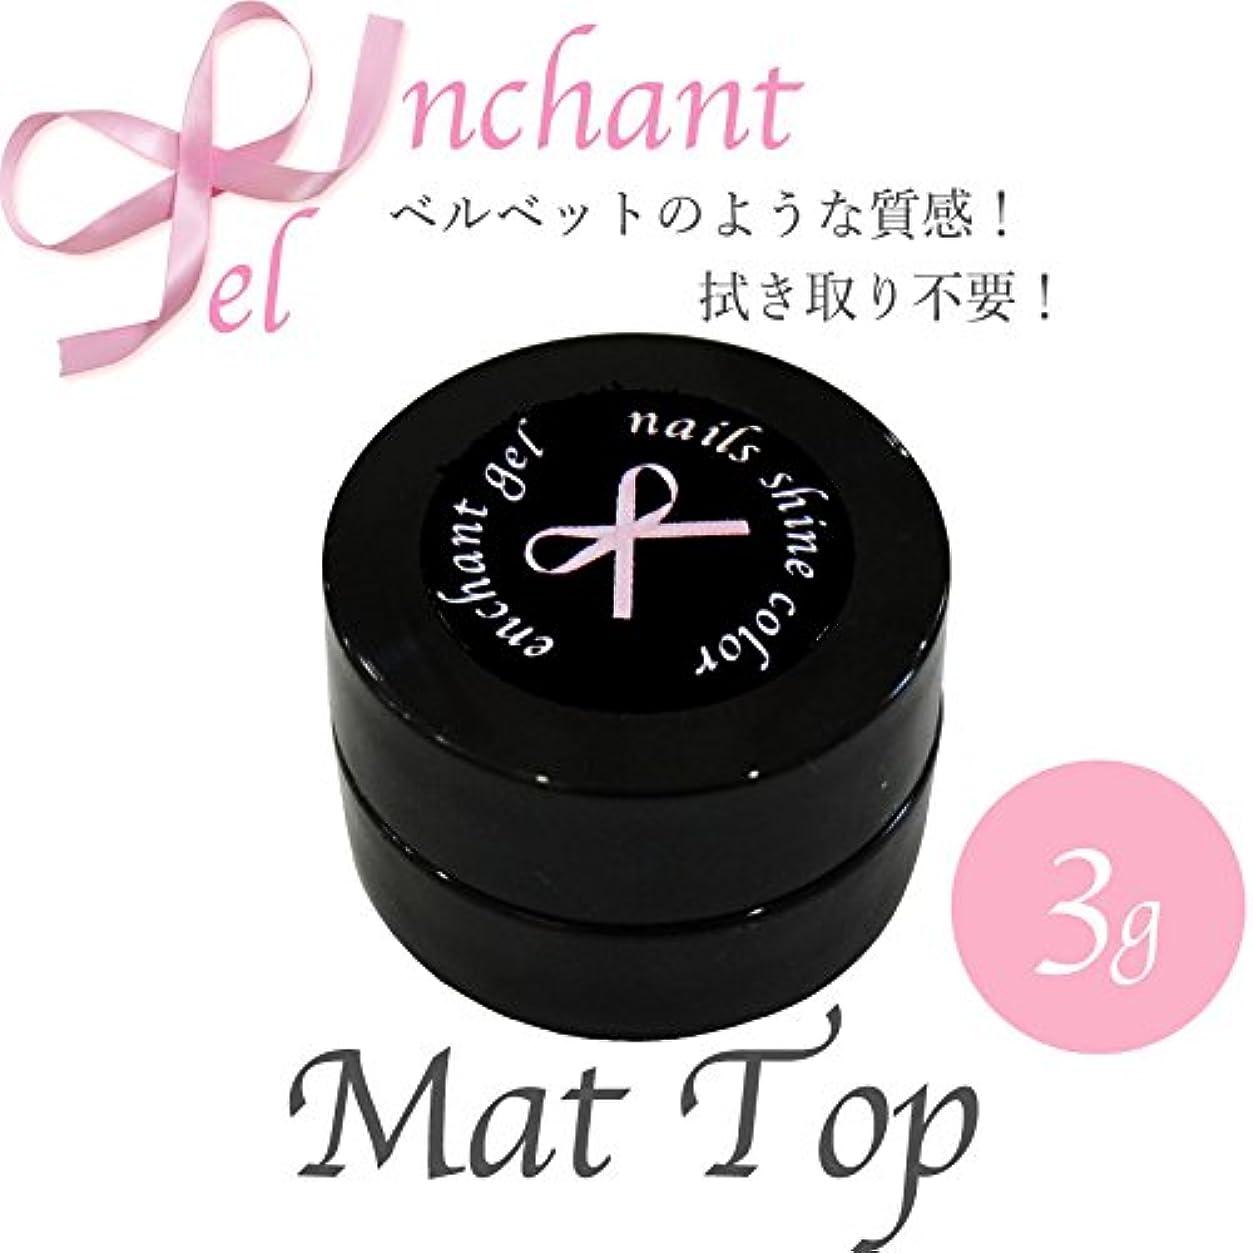 消す北へ同様にenchant gel mat top coat gel 3g/エンチャントジェル マットトップコートジェル 3グラム